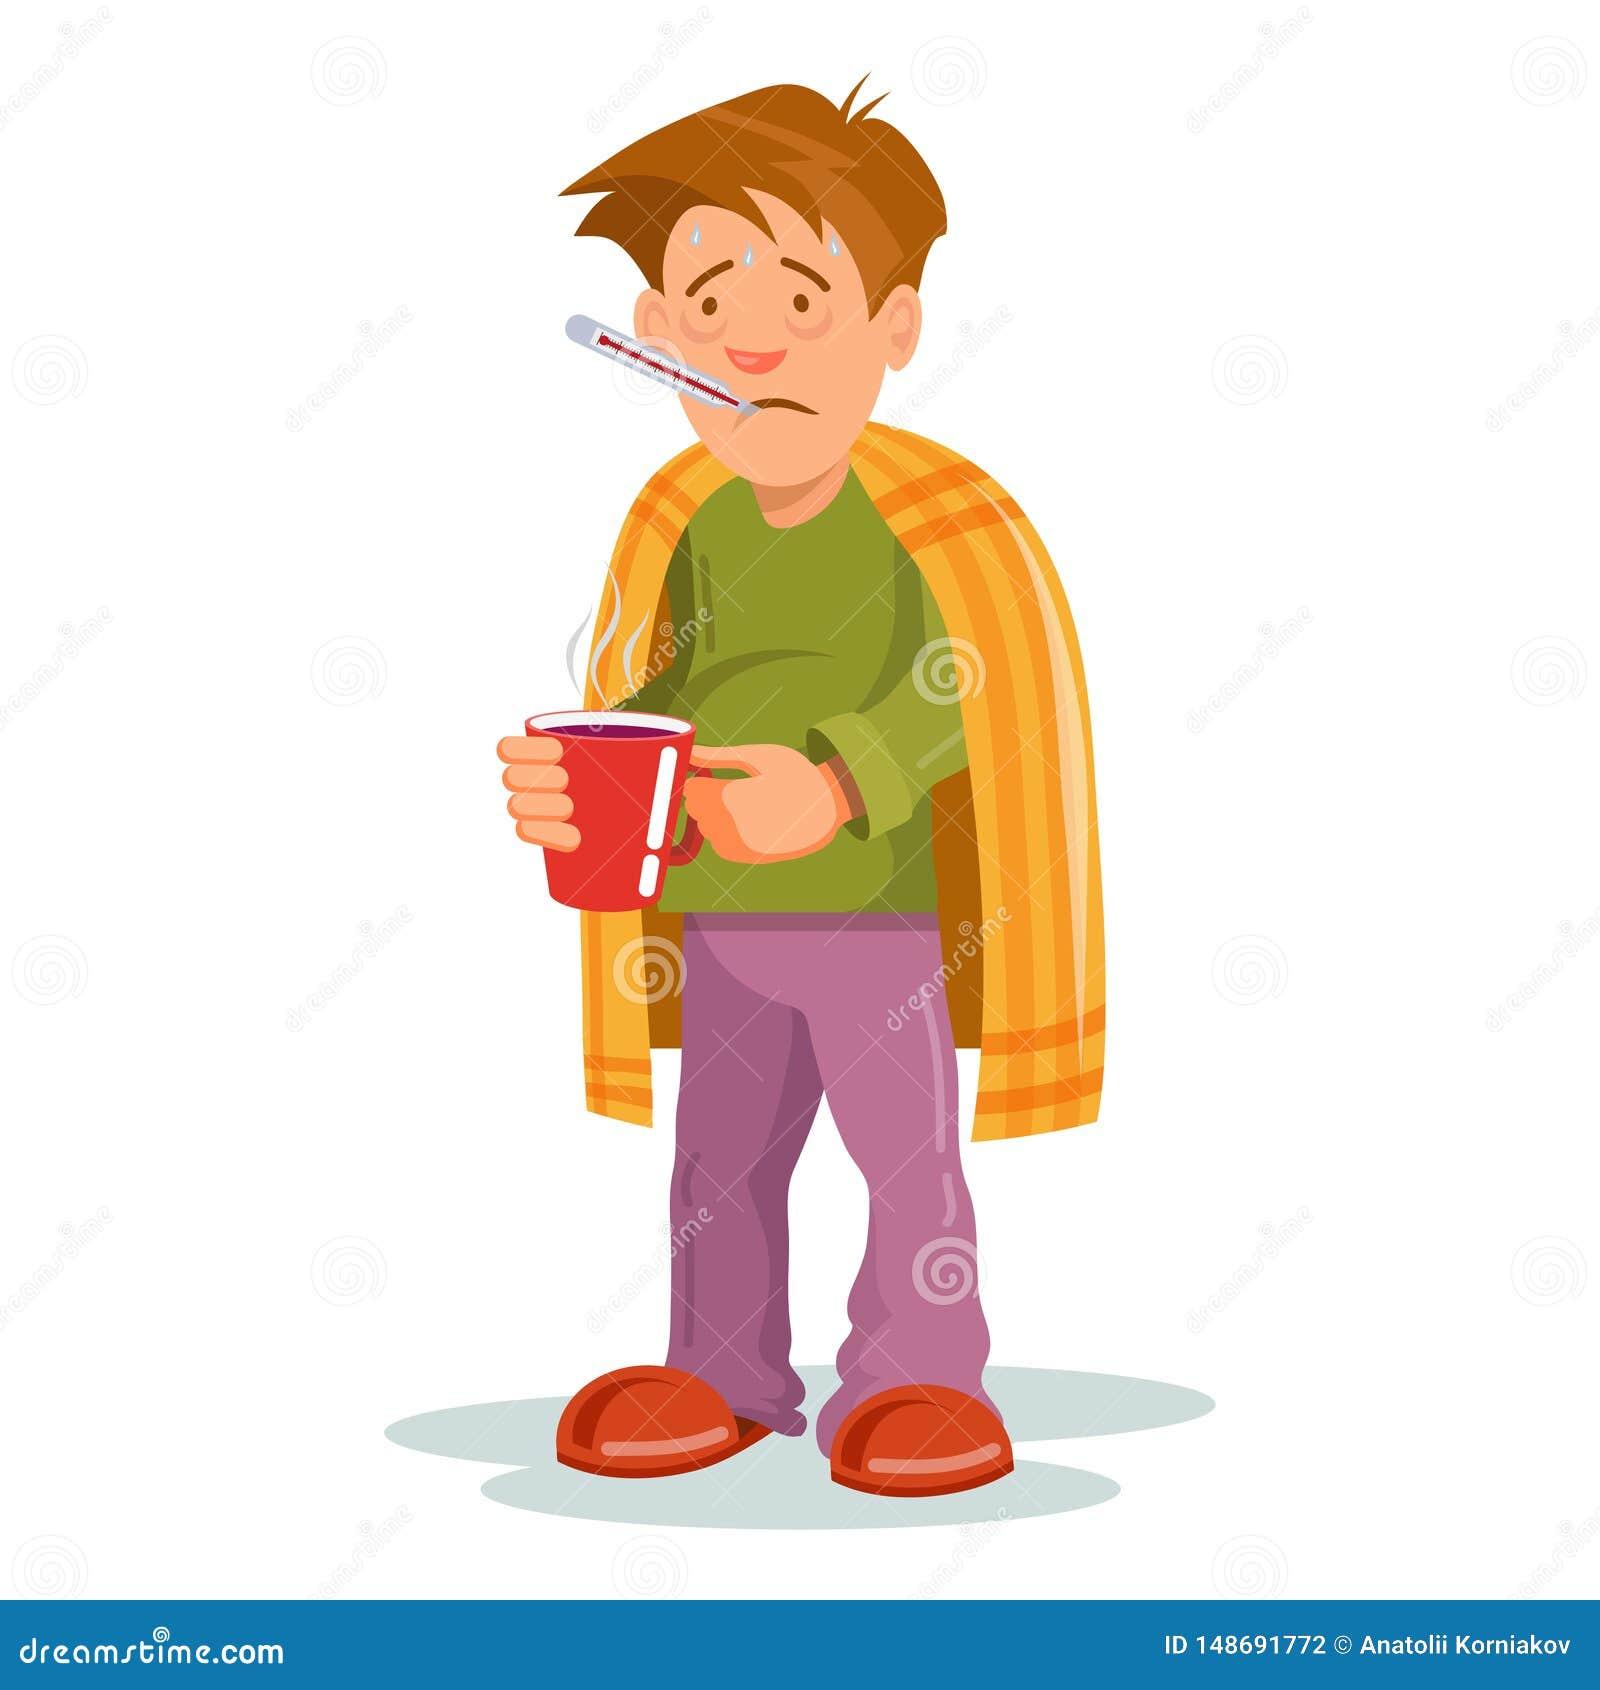 流感病 感冒病人 病人头痛 一种治疗该疾病的药物 流感病人 阿с尔顿病人